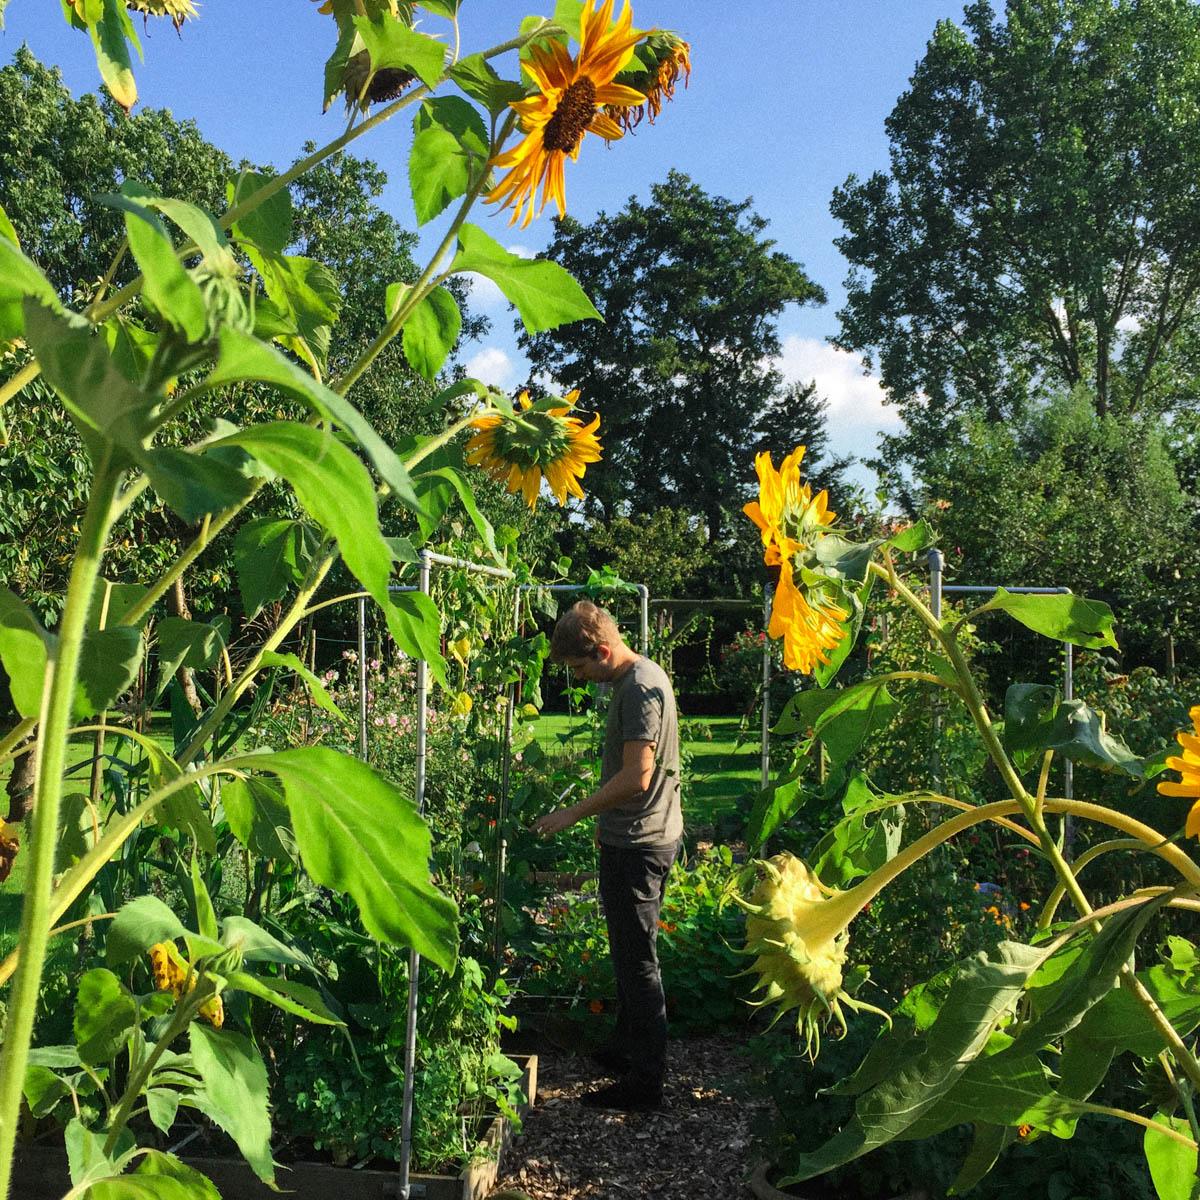 Makkelijke Moestuin vol zonnebloemen